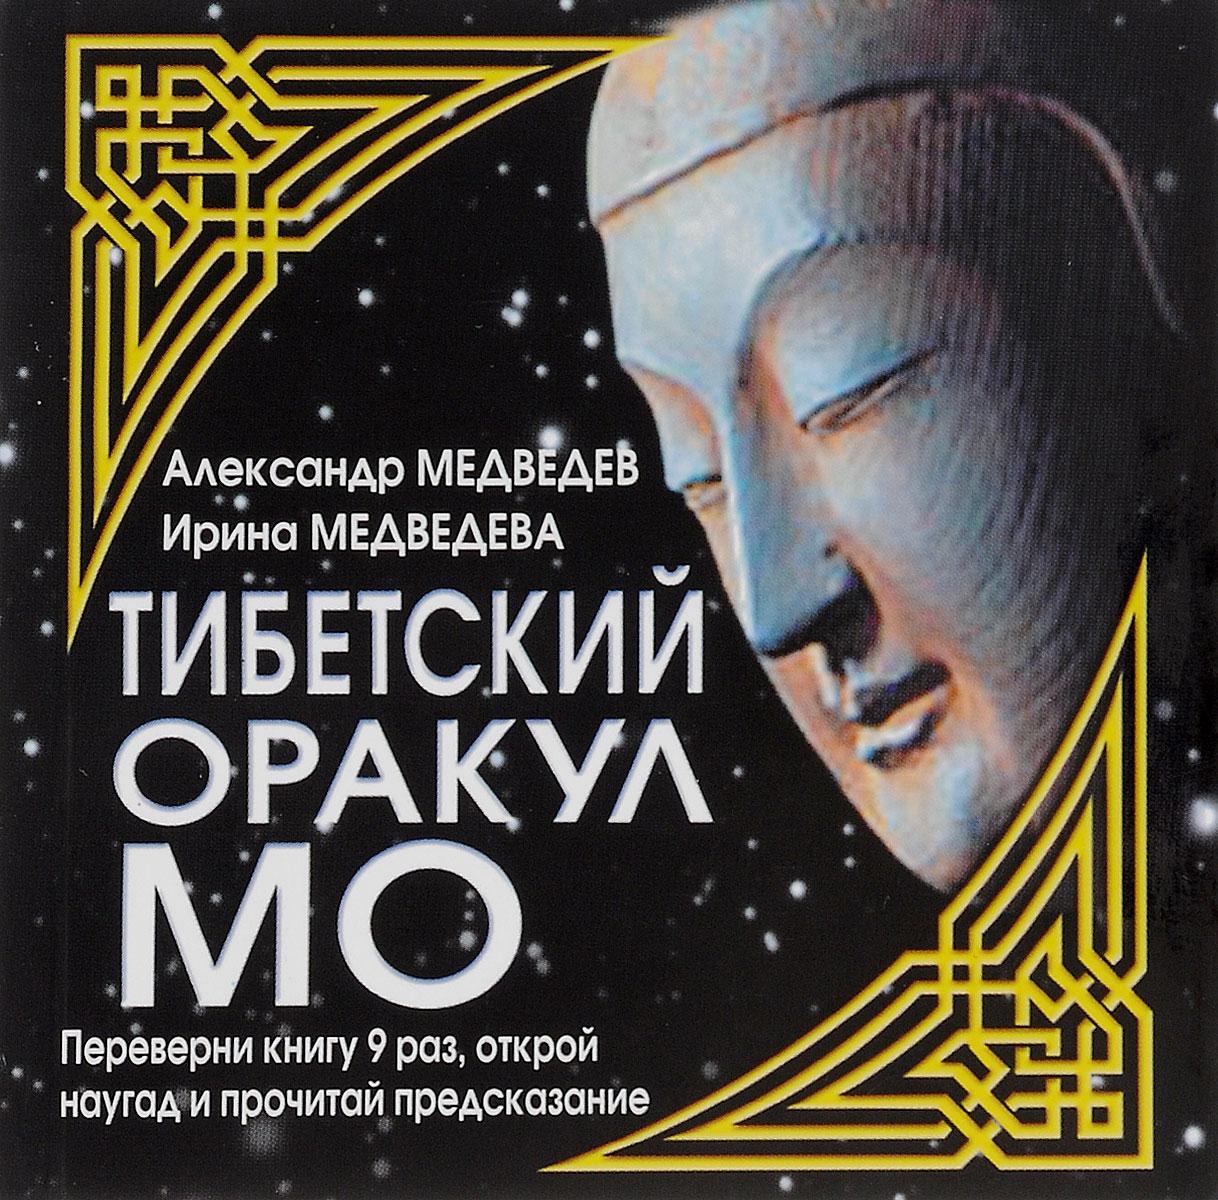 Александр Медведев, Ирина Медведева Тибетский оракул МО